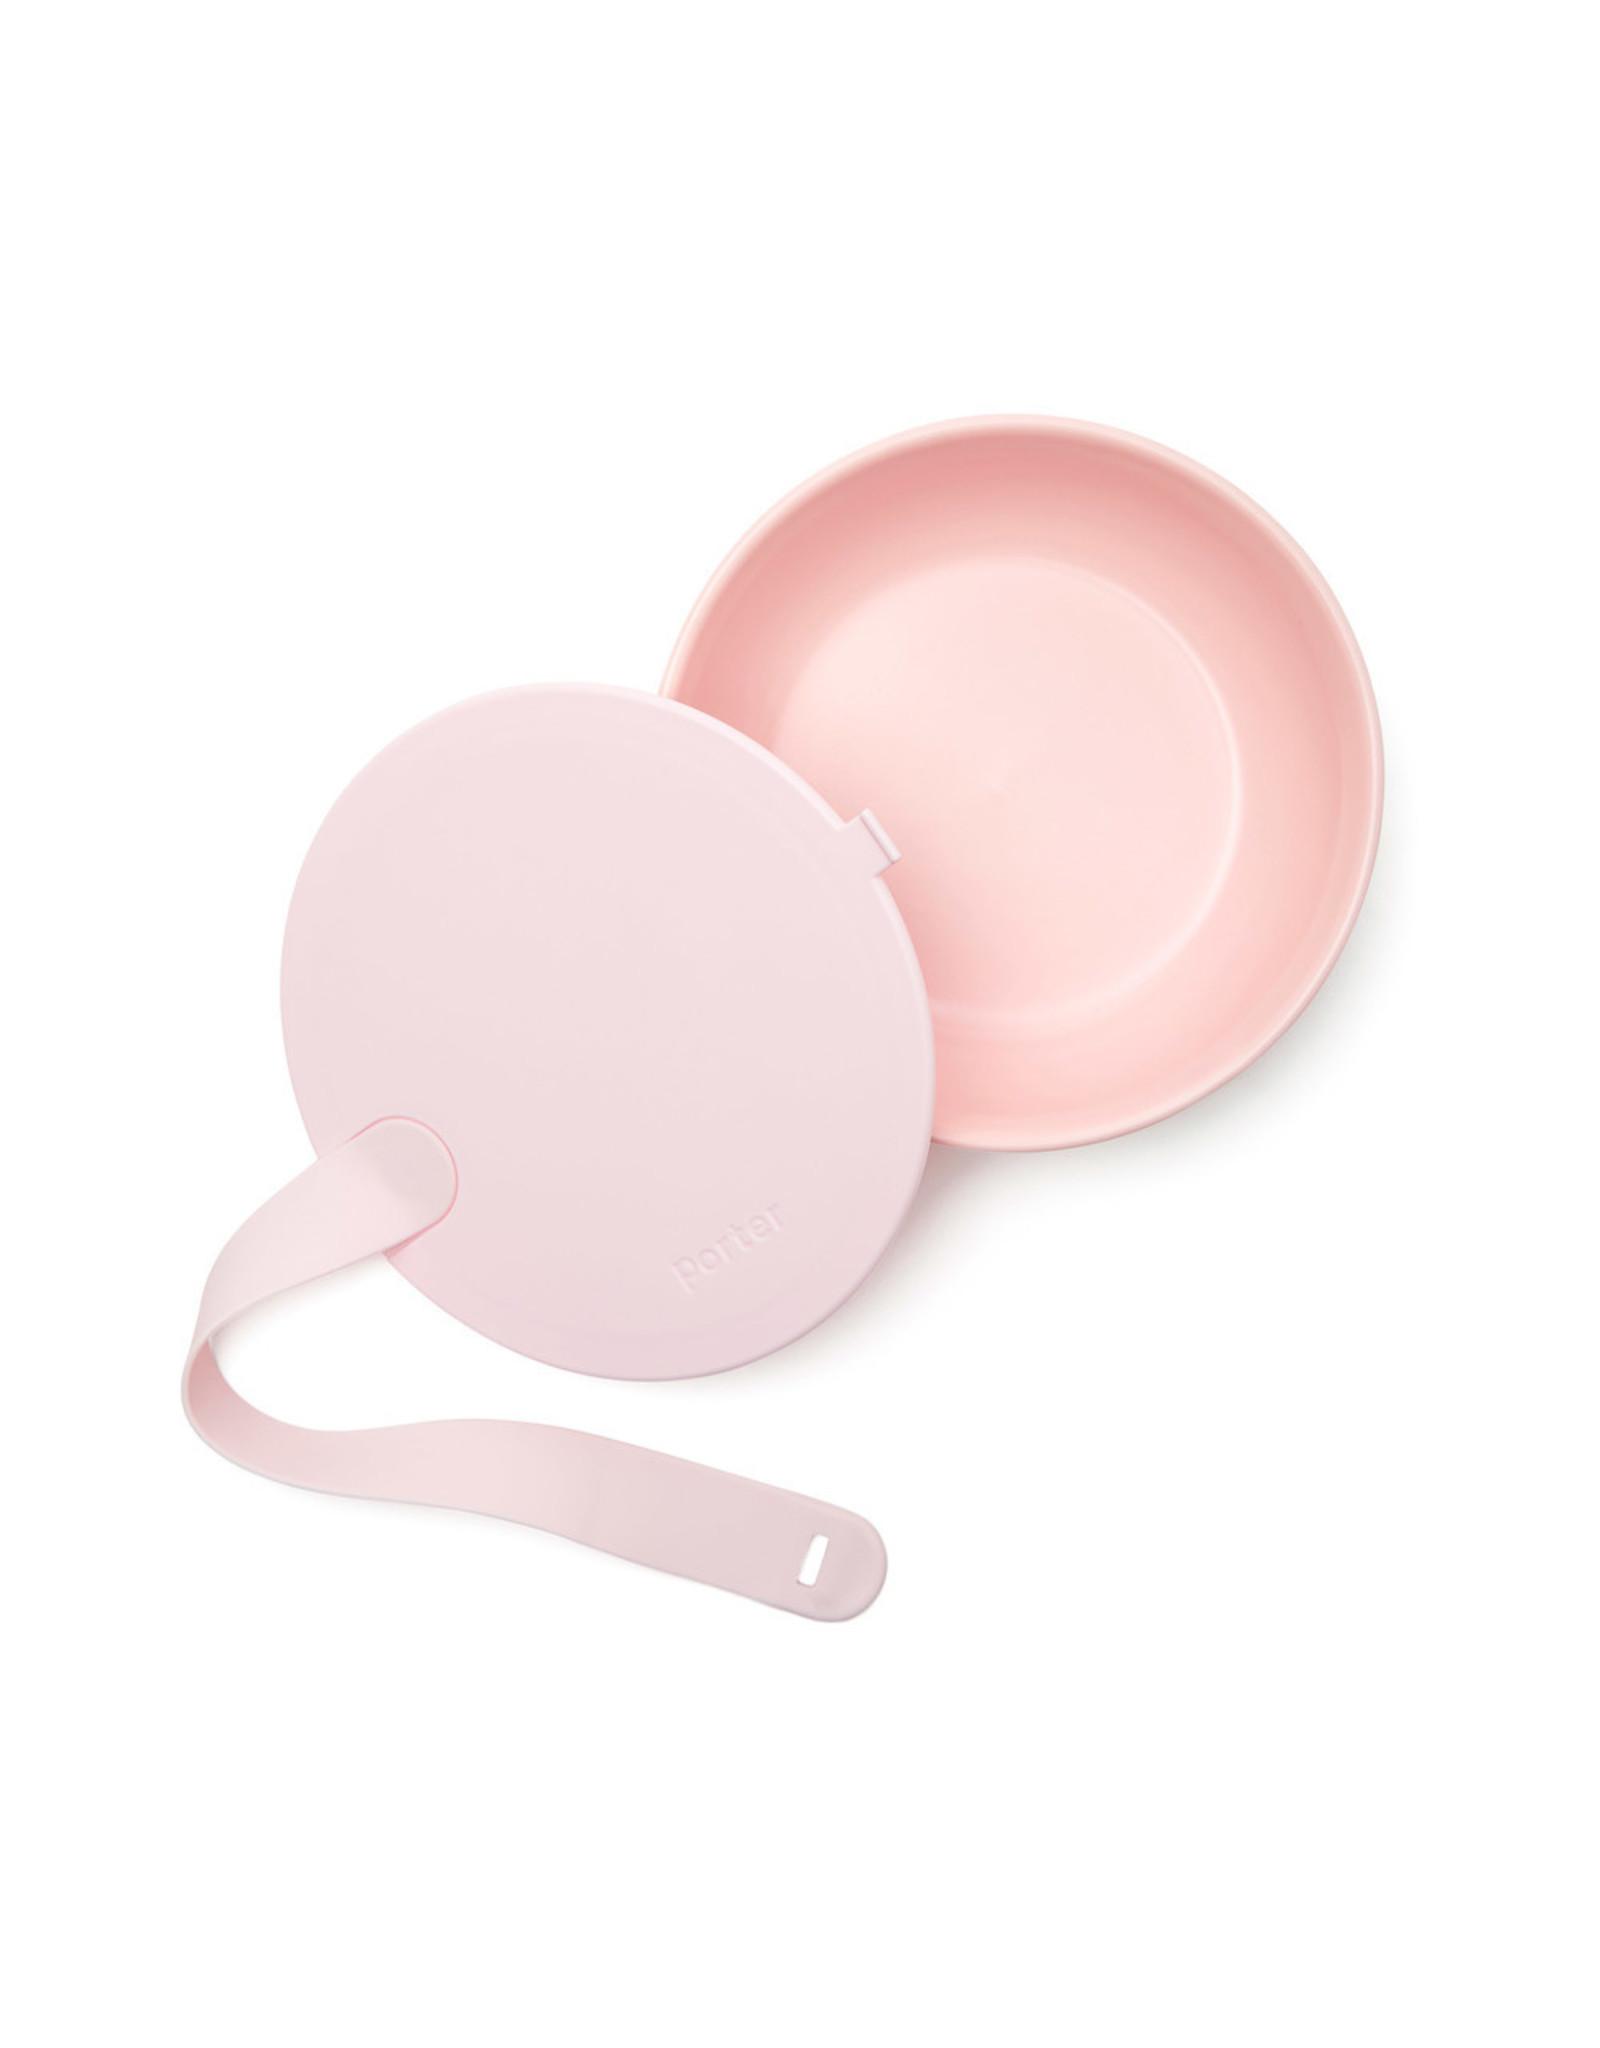 W&P Design Porter Ceramic To-Go Bowl (Color: Blush)